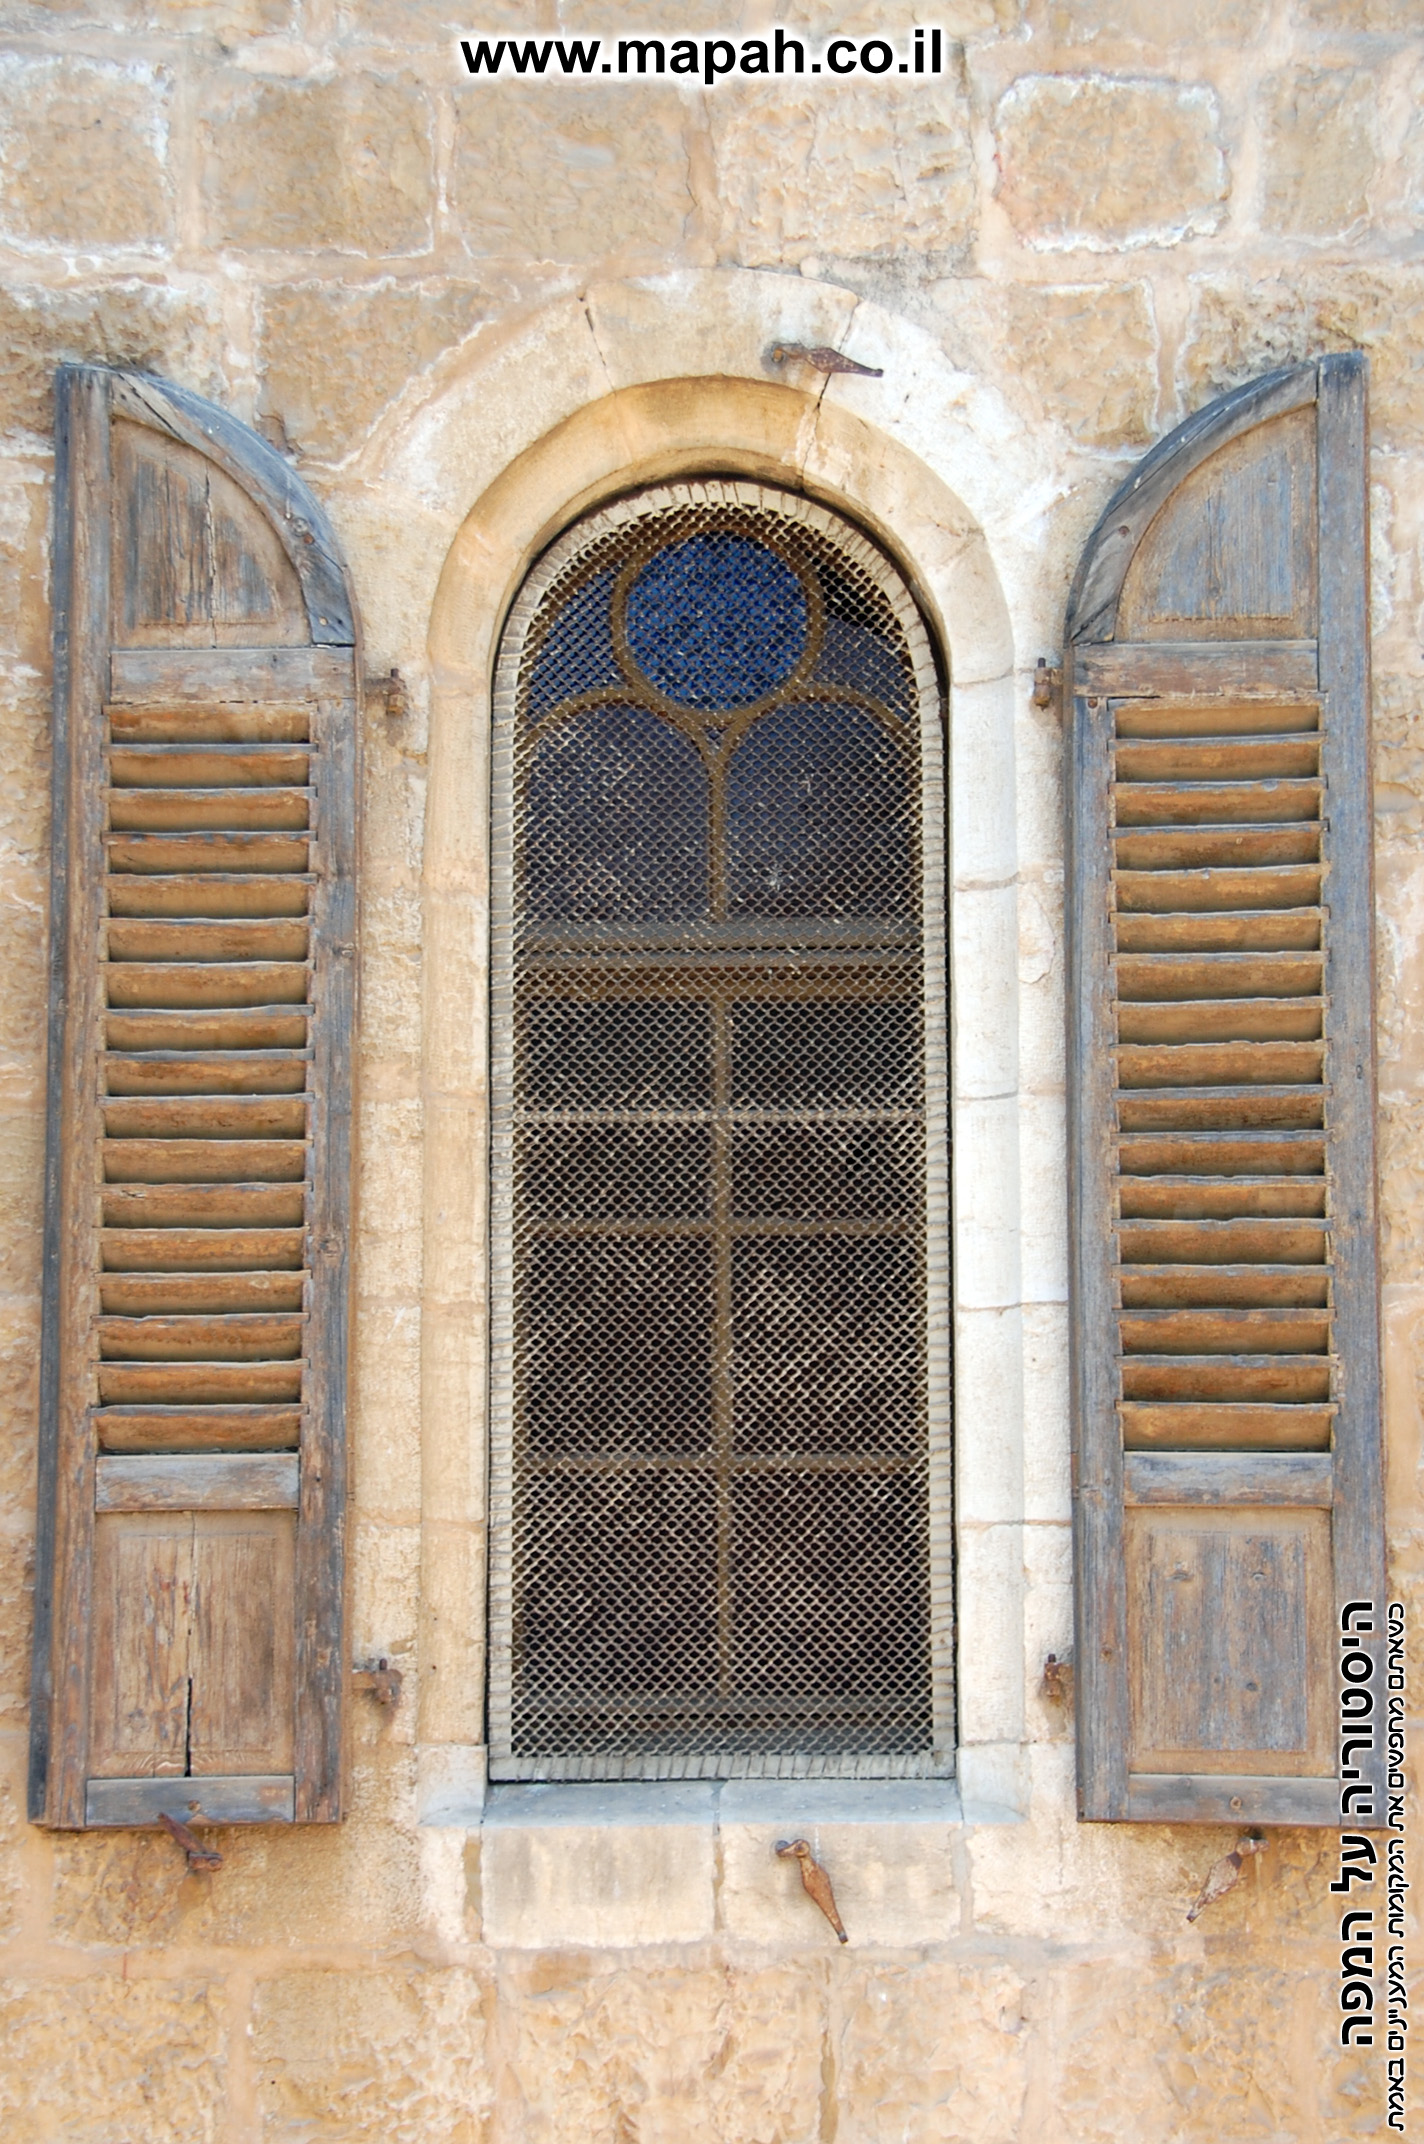 חלון בעל כנפות עץ מקוריים בבית העם הטמפלרי ירושלים - צילום: אפי אליאן